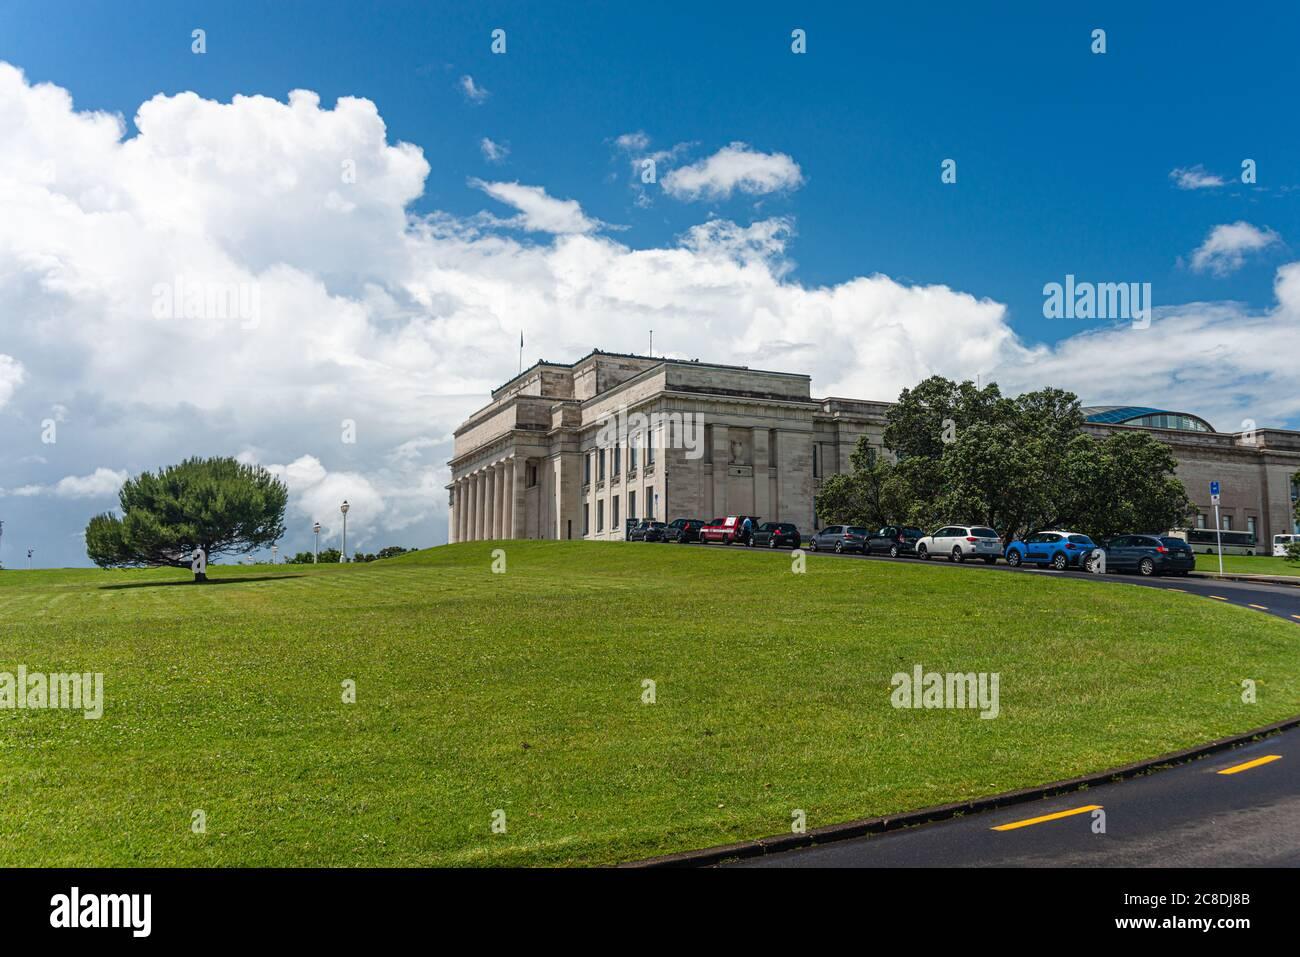 Route menant au musée d'Auckland dans le domaine d'auckland, Parnell, Nouvelle-Zélande. Architecture néoclassique Banque D'Images